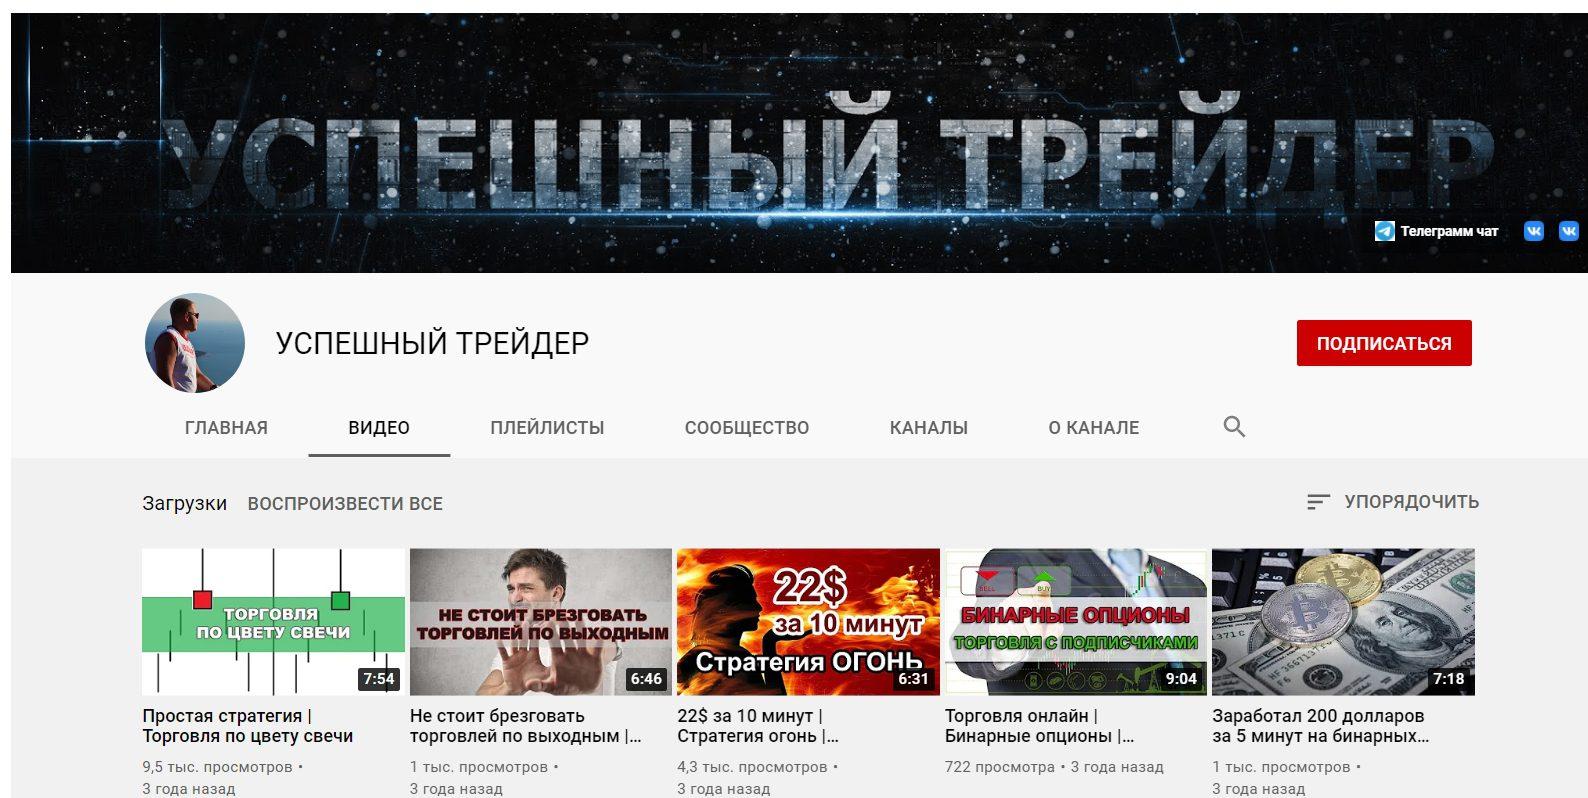 Ютуб-канал Успешного трейдера